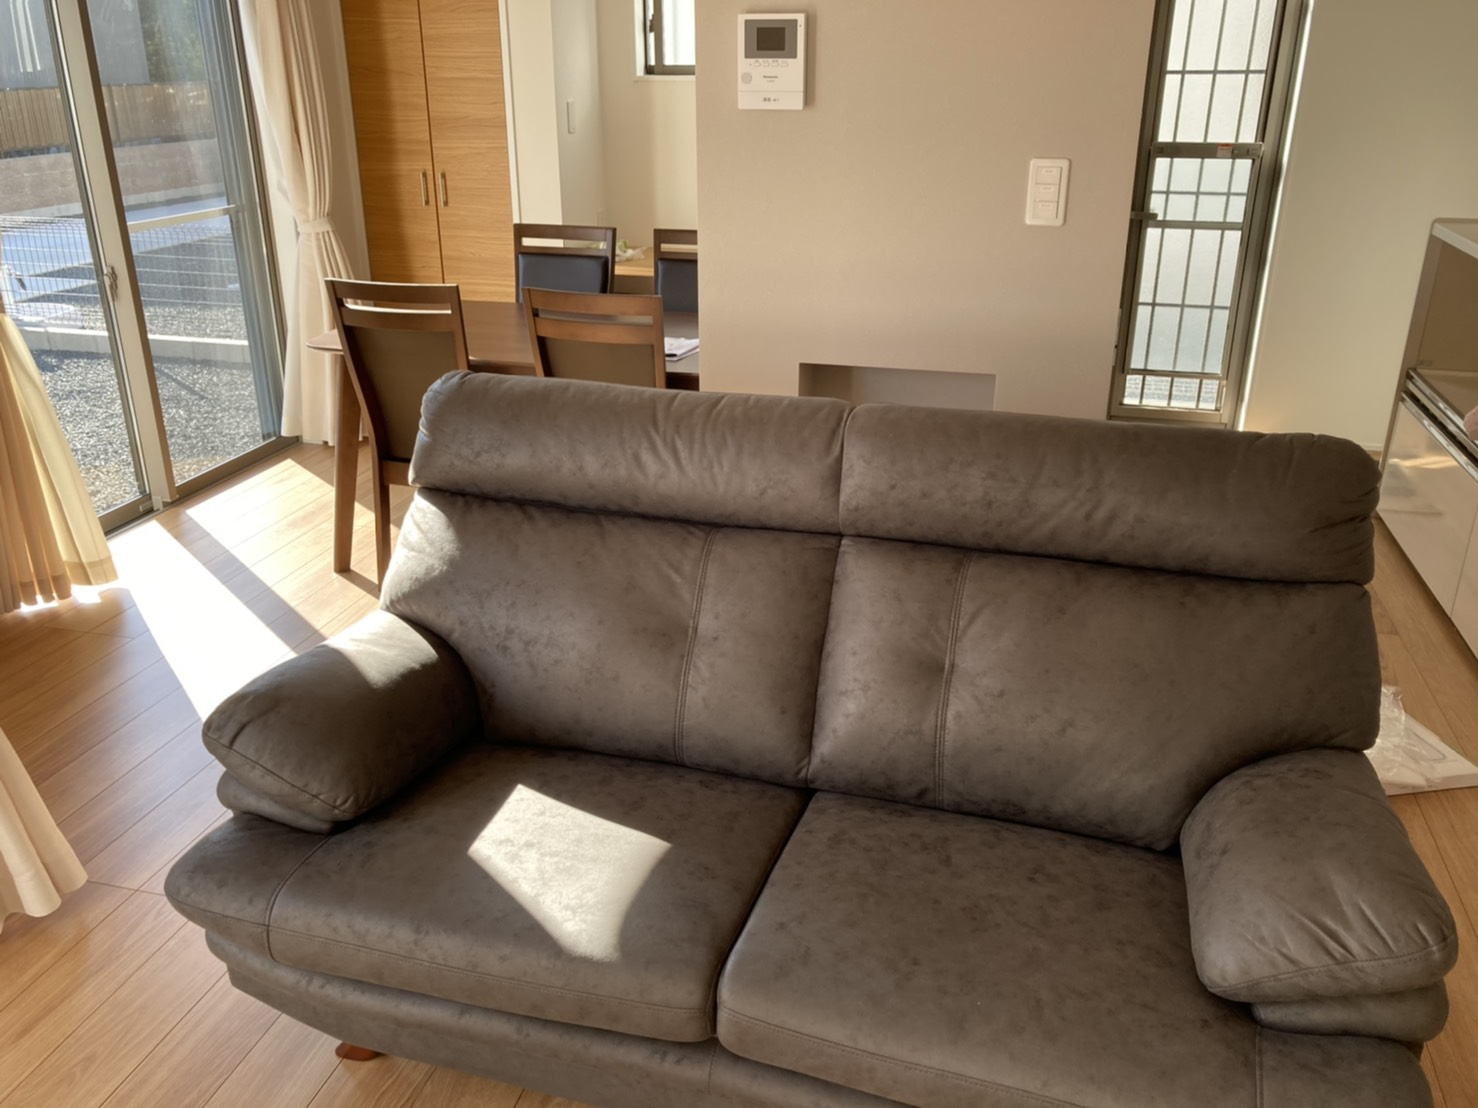 磐田市福田にお住まいのY様宅へお届けした2.5人掛けソファの「ジェム」